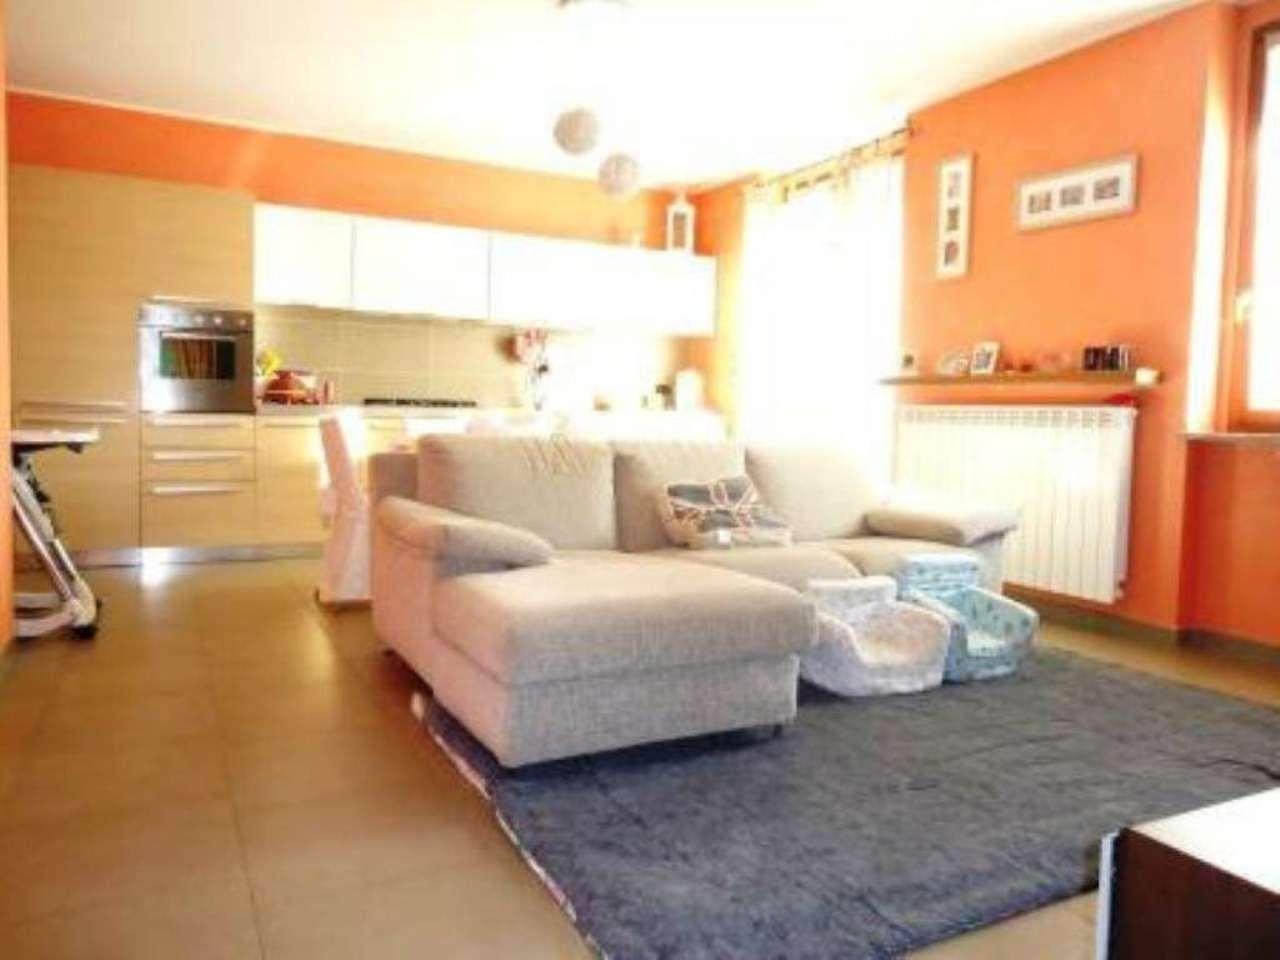 Appartamento in vendita a Bariano, 3 locali, prezzo € 129.000 | Cambio Casa.it